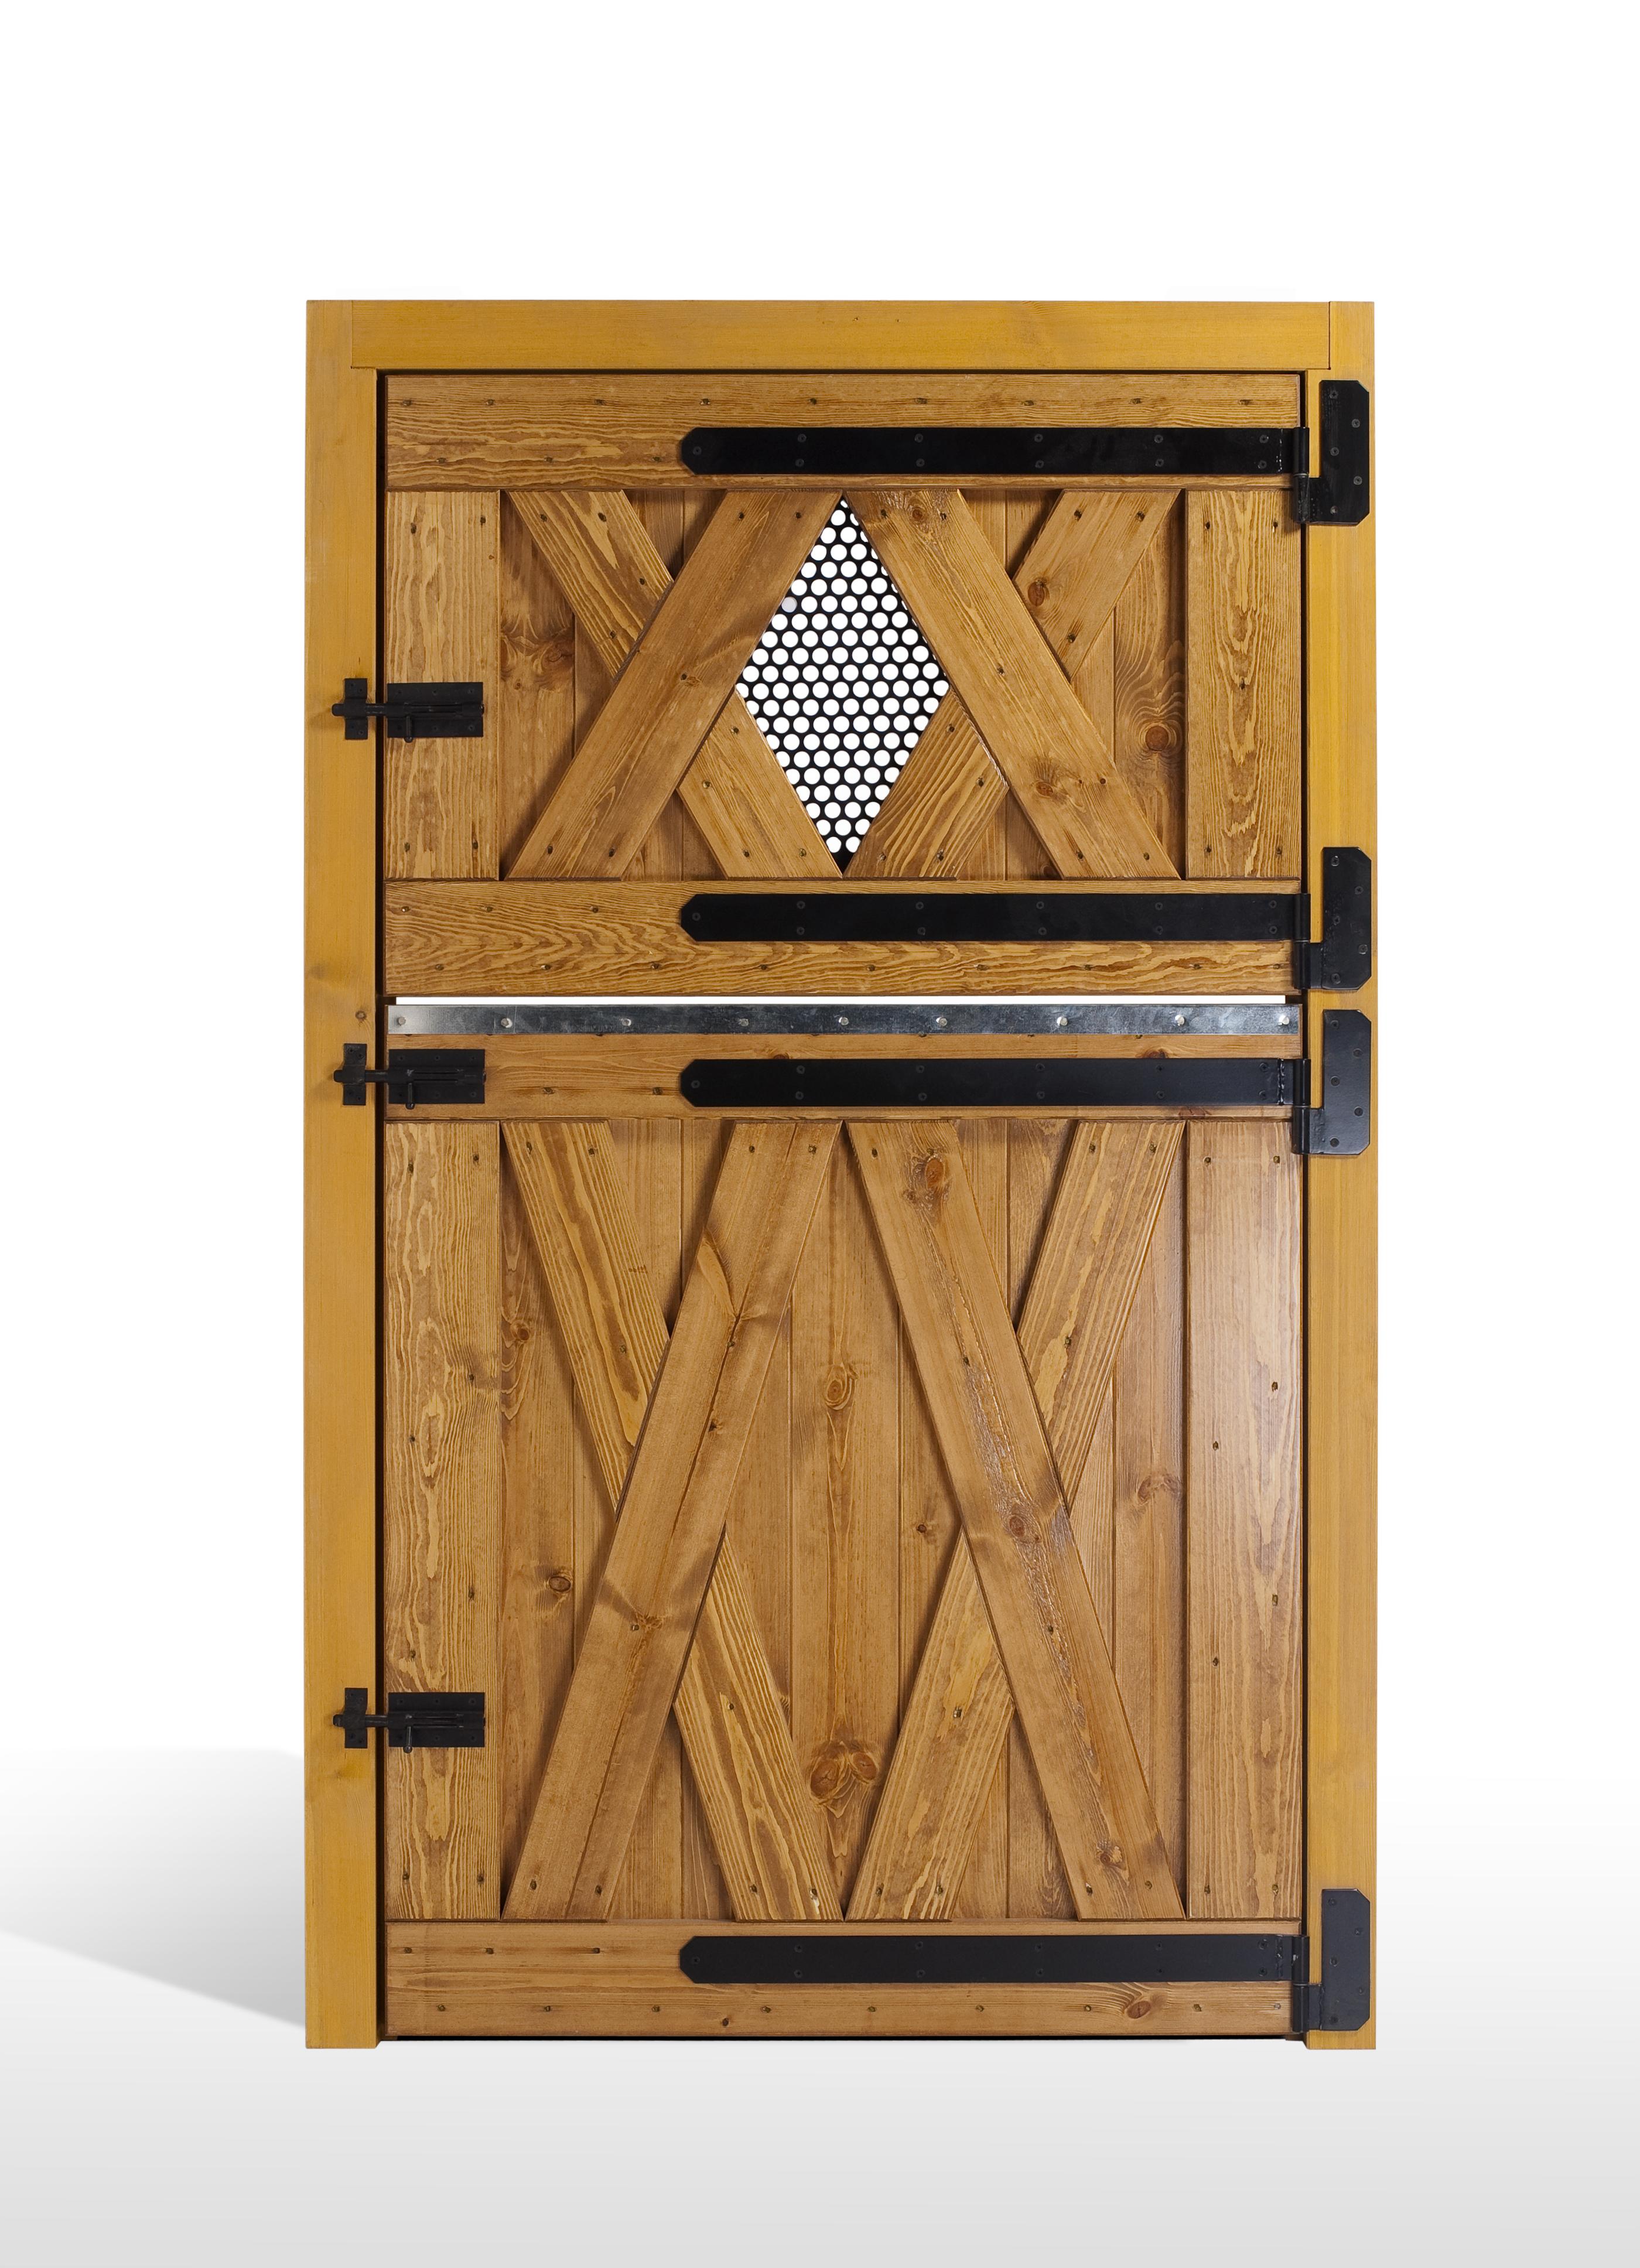 Puerta Box de Caballos Modelo Falabella